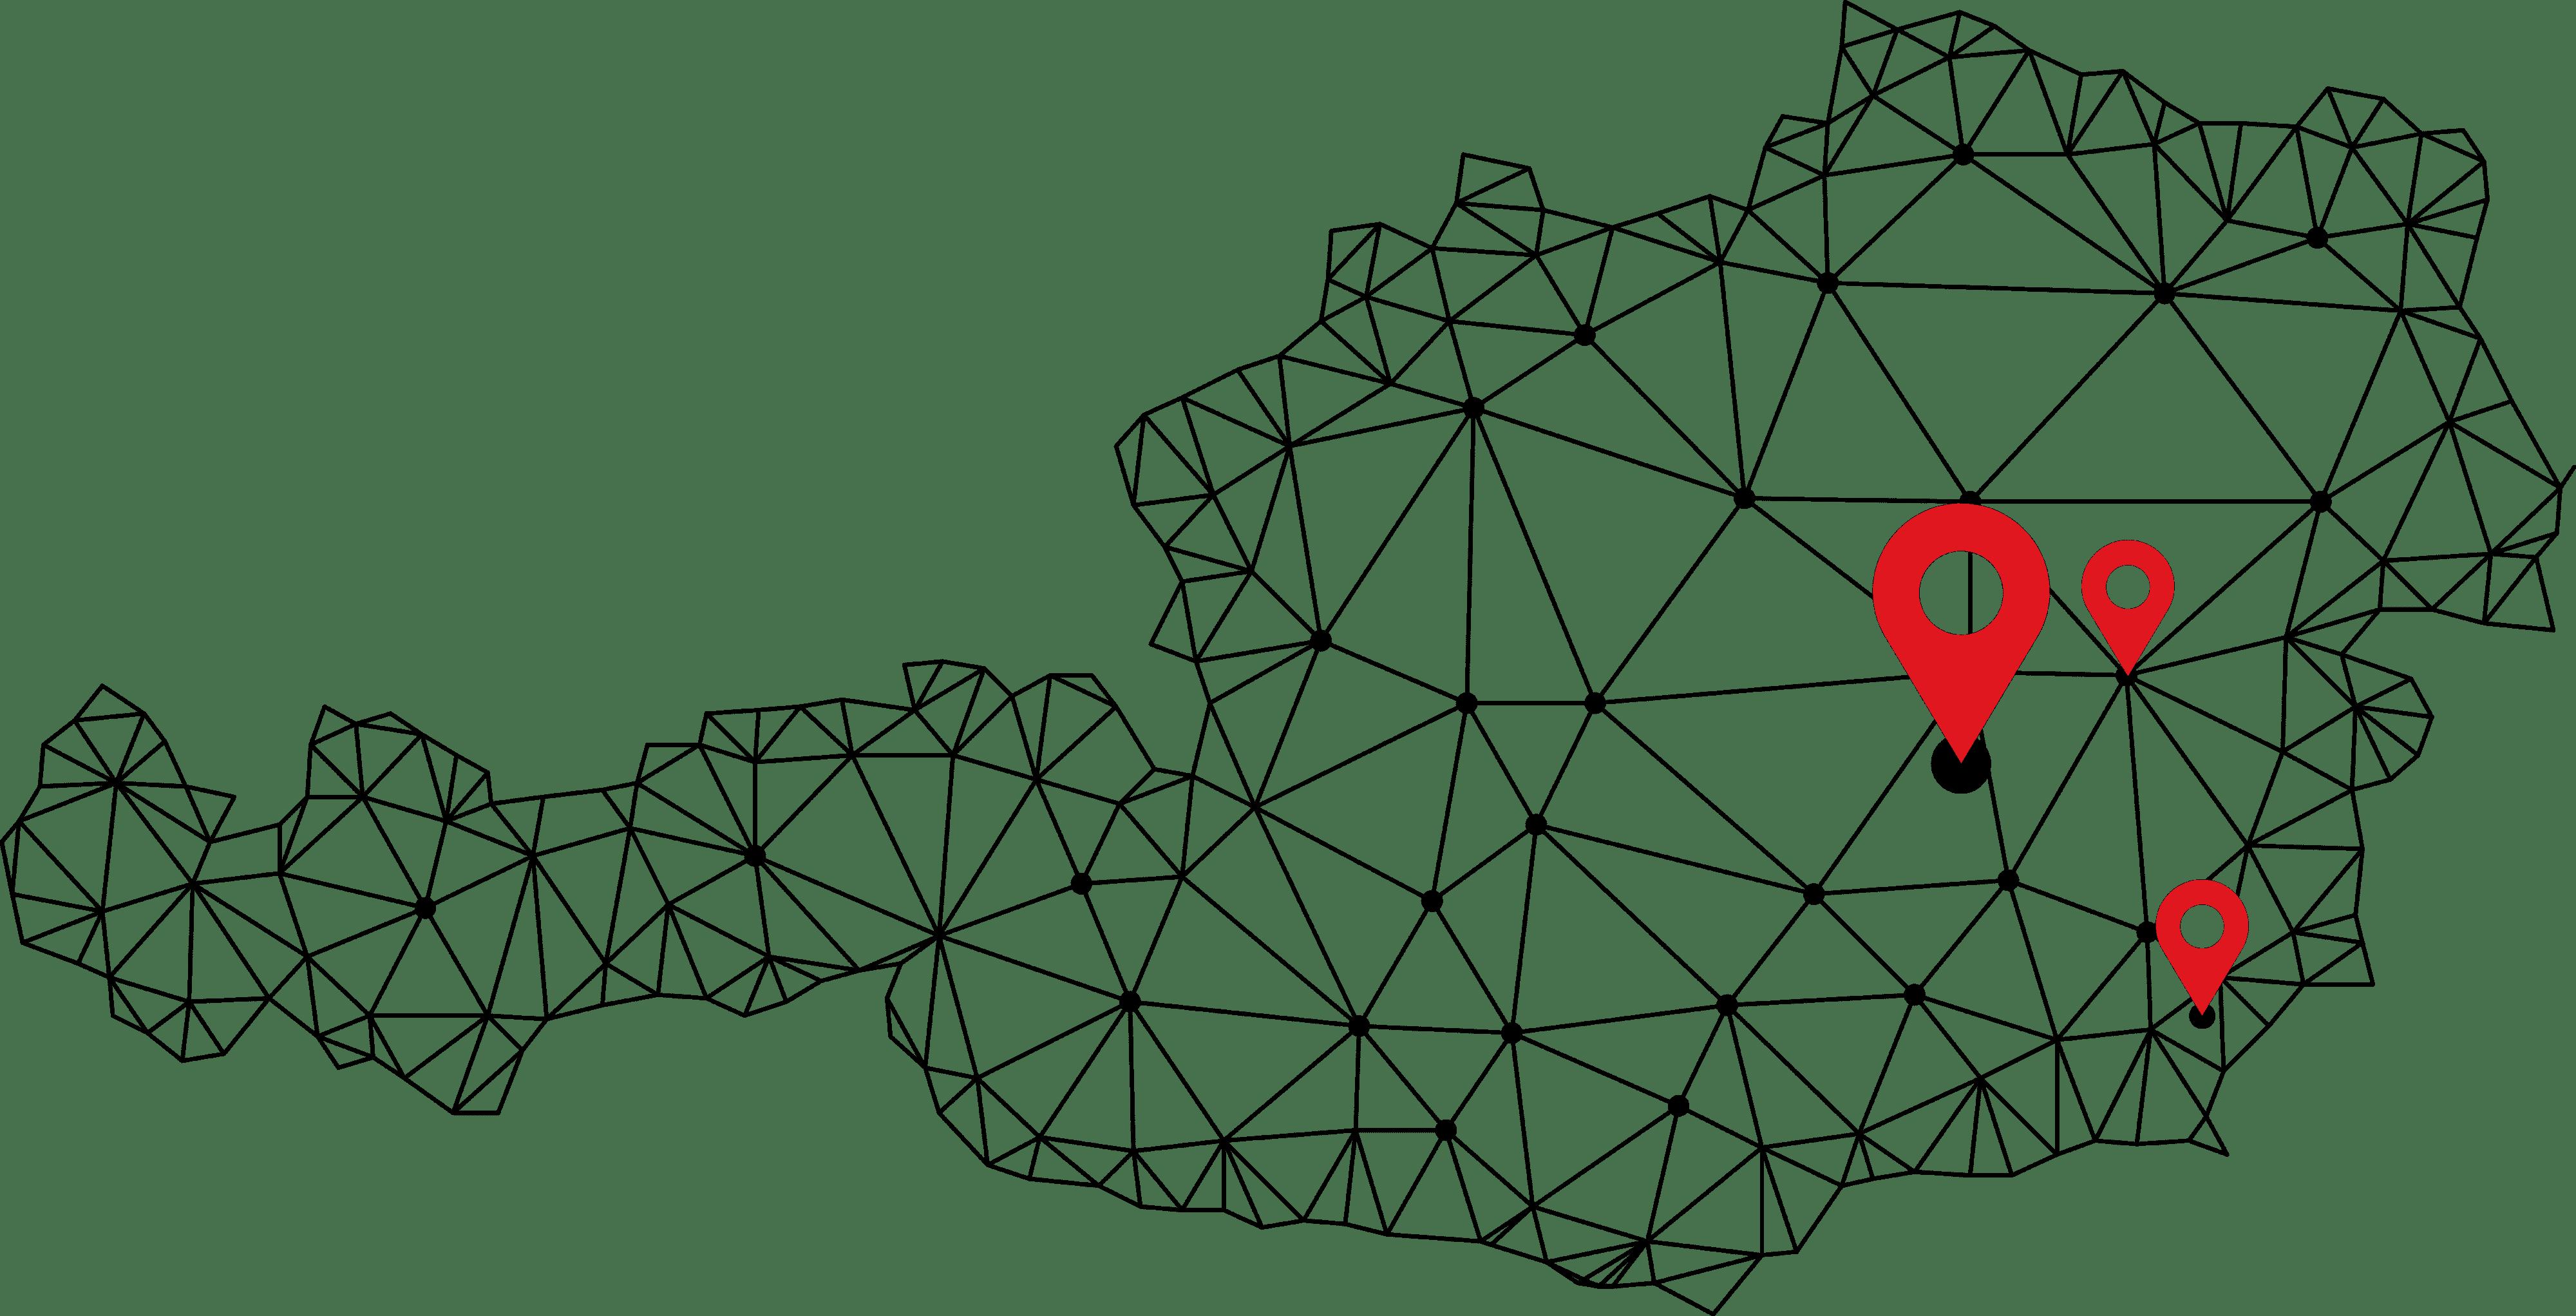 mea IT Services - Ihre regionale Full Service Internetagentur mit #meawert für Ihren digitalen Erfolg!